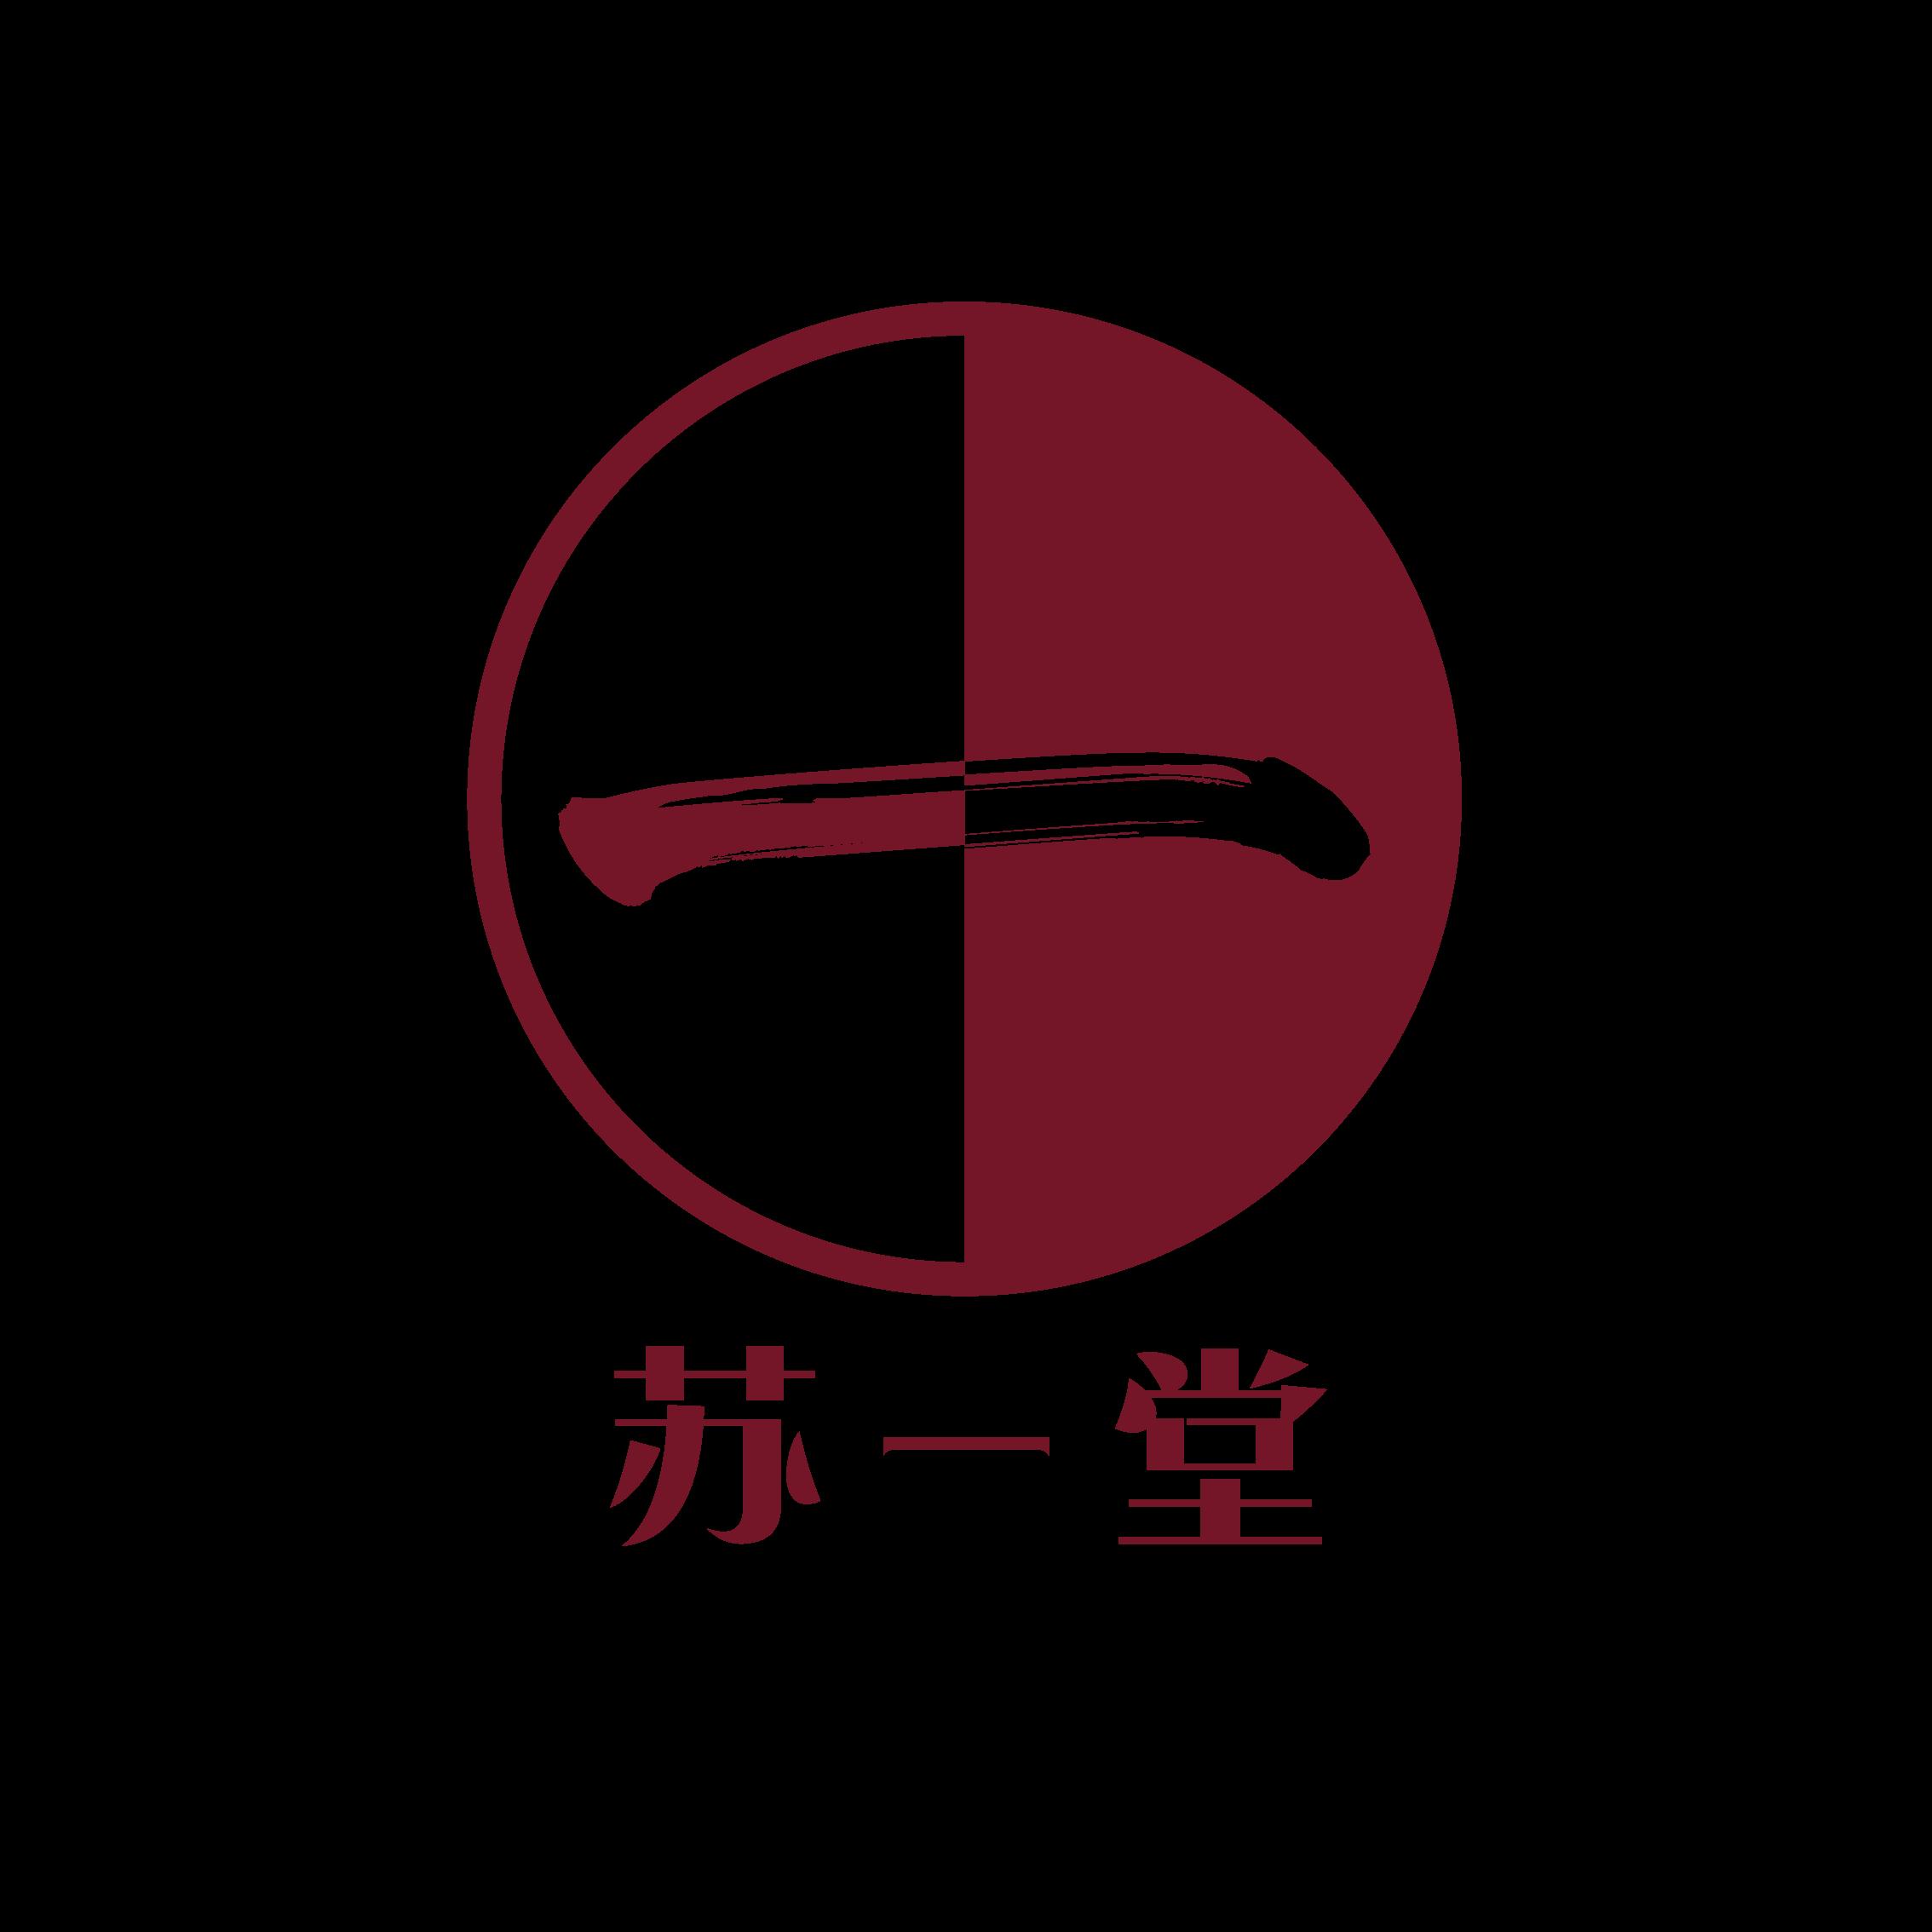 苏州苏一堂紫砂艺术有限公司